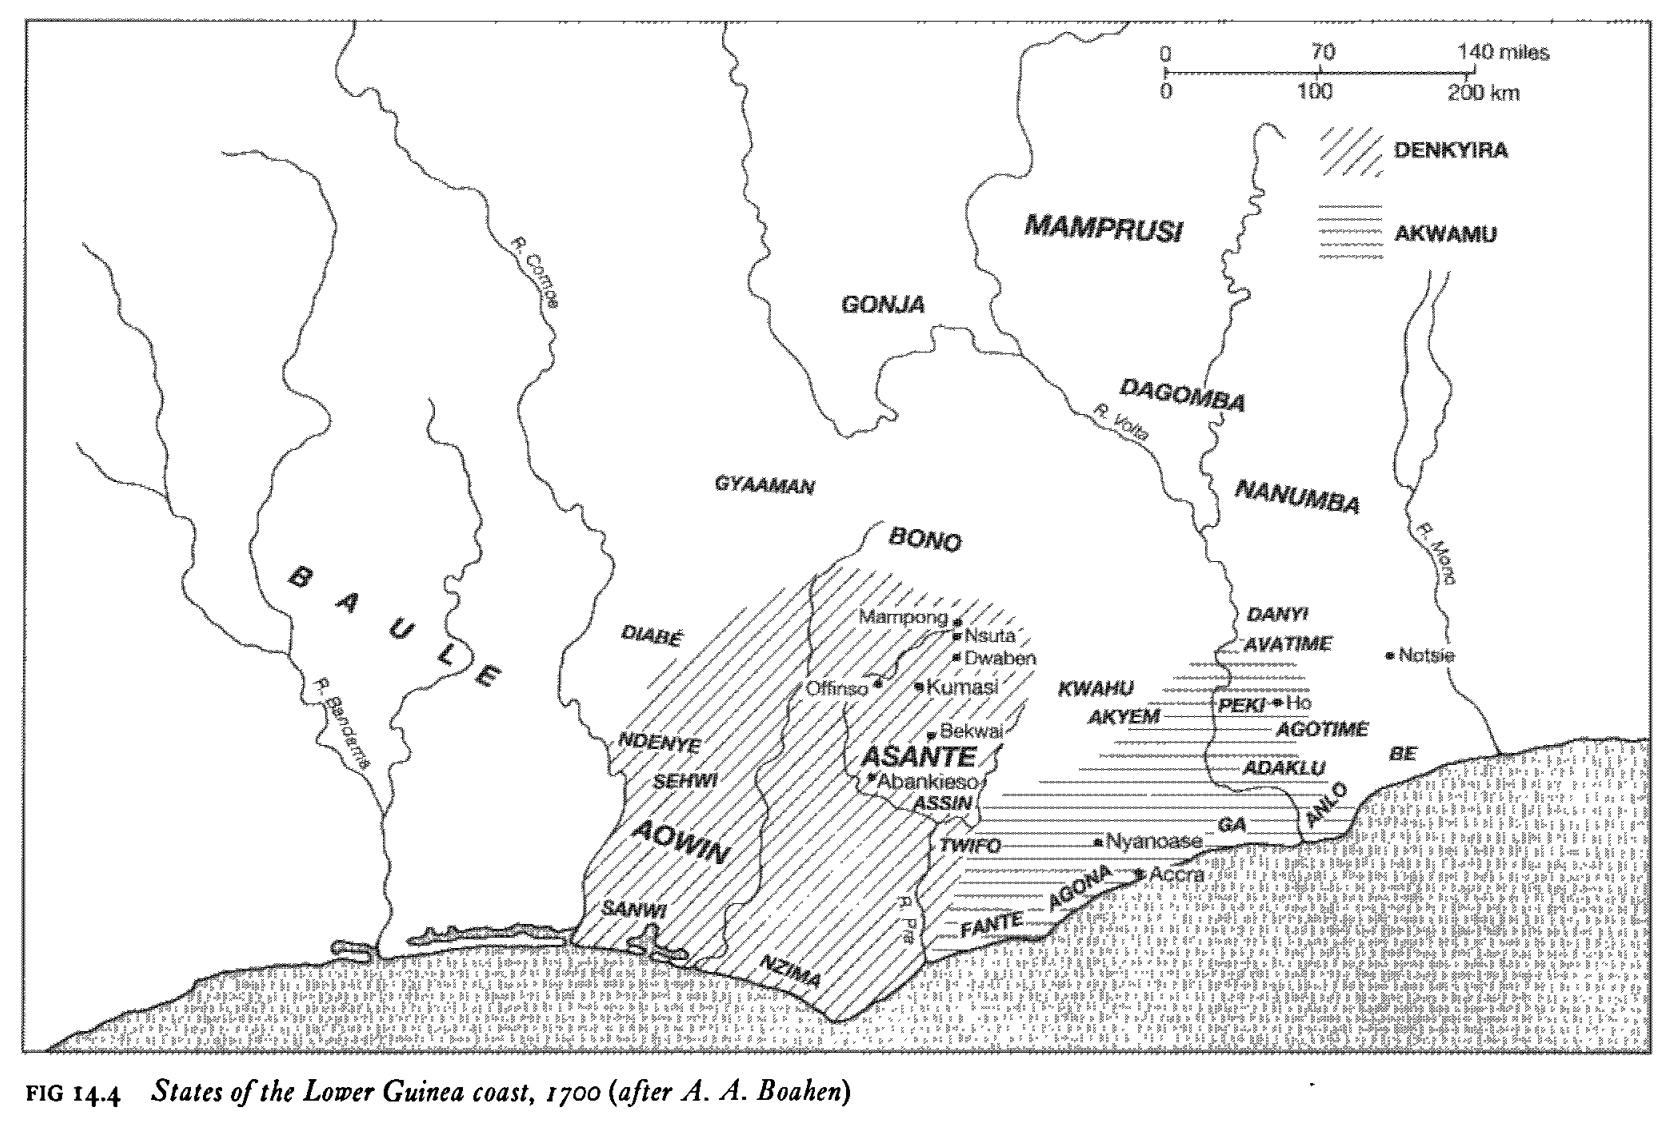 Carte des États Akan (Ashanti, Fante, Denkyira, etc) sur la Côte-de-l'Or au 18ème siècle (actuel Ghana).